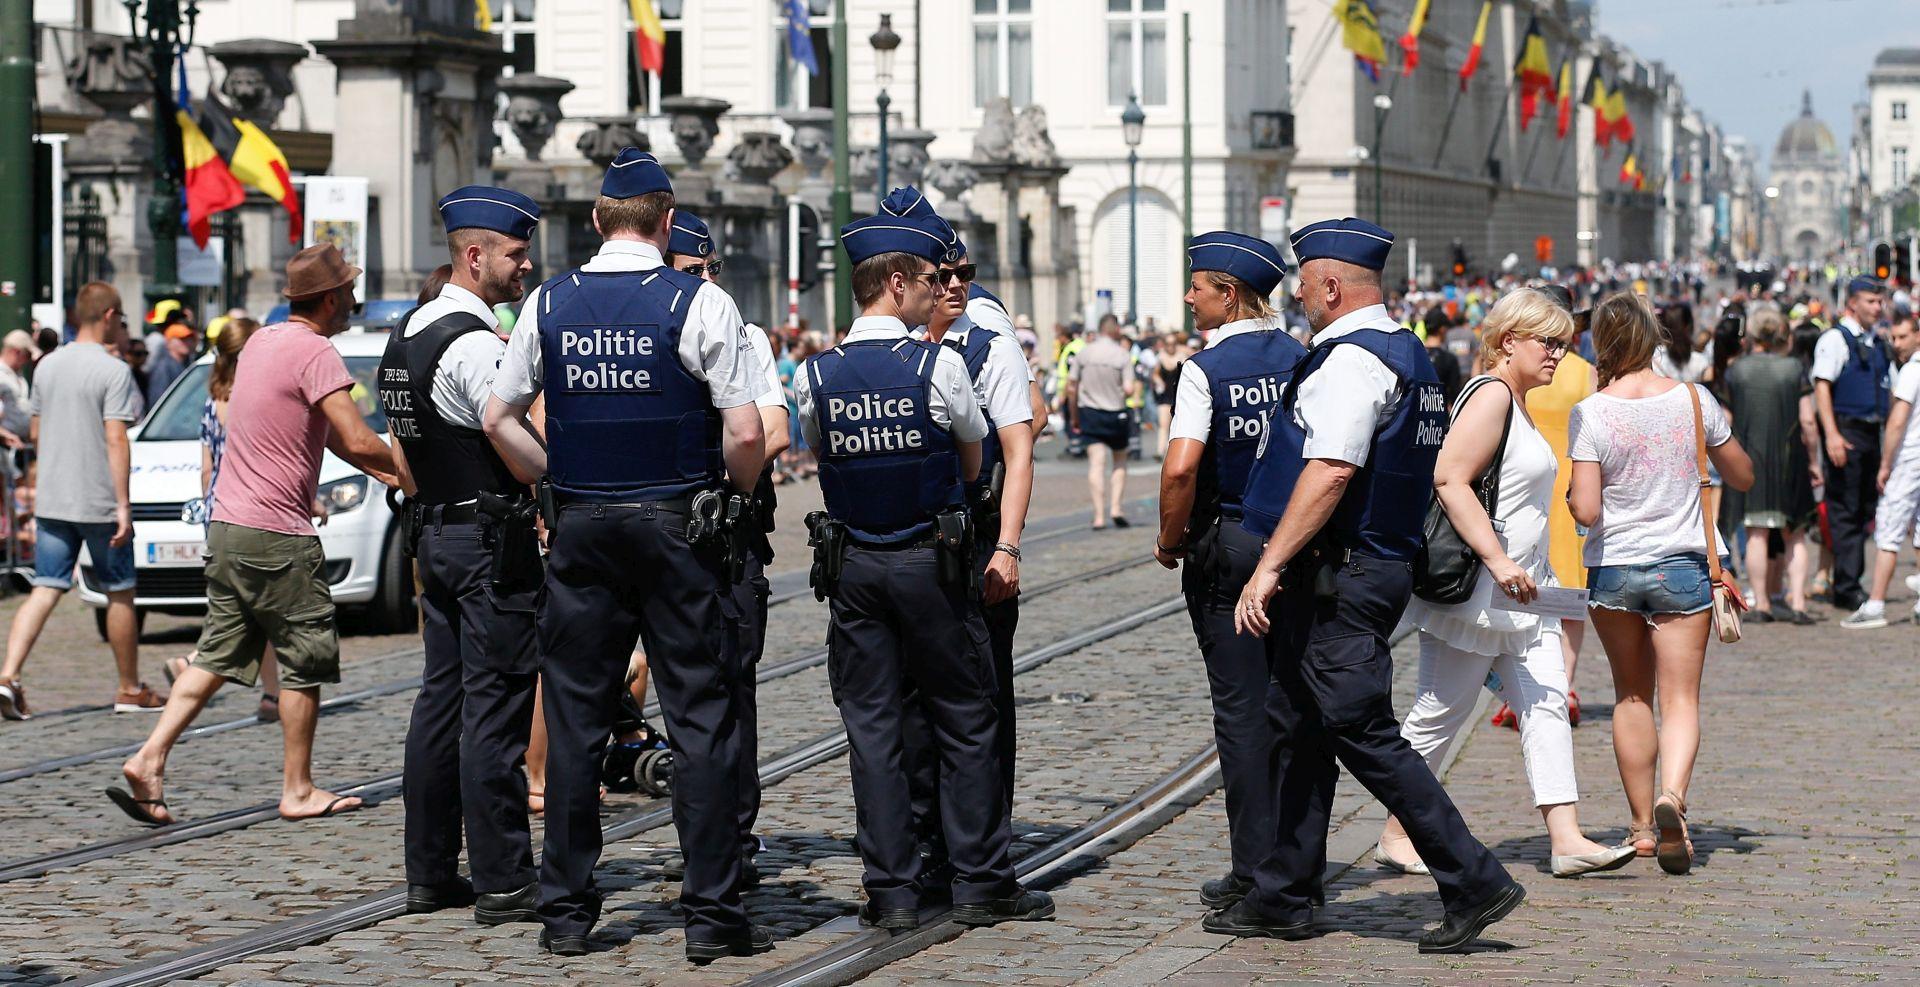 BELGIJSKA POLICIJA: Uhićen napadač s mačetom dan nakon sličnog incidenta